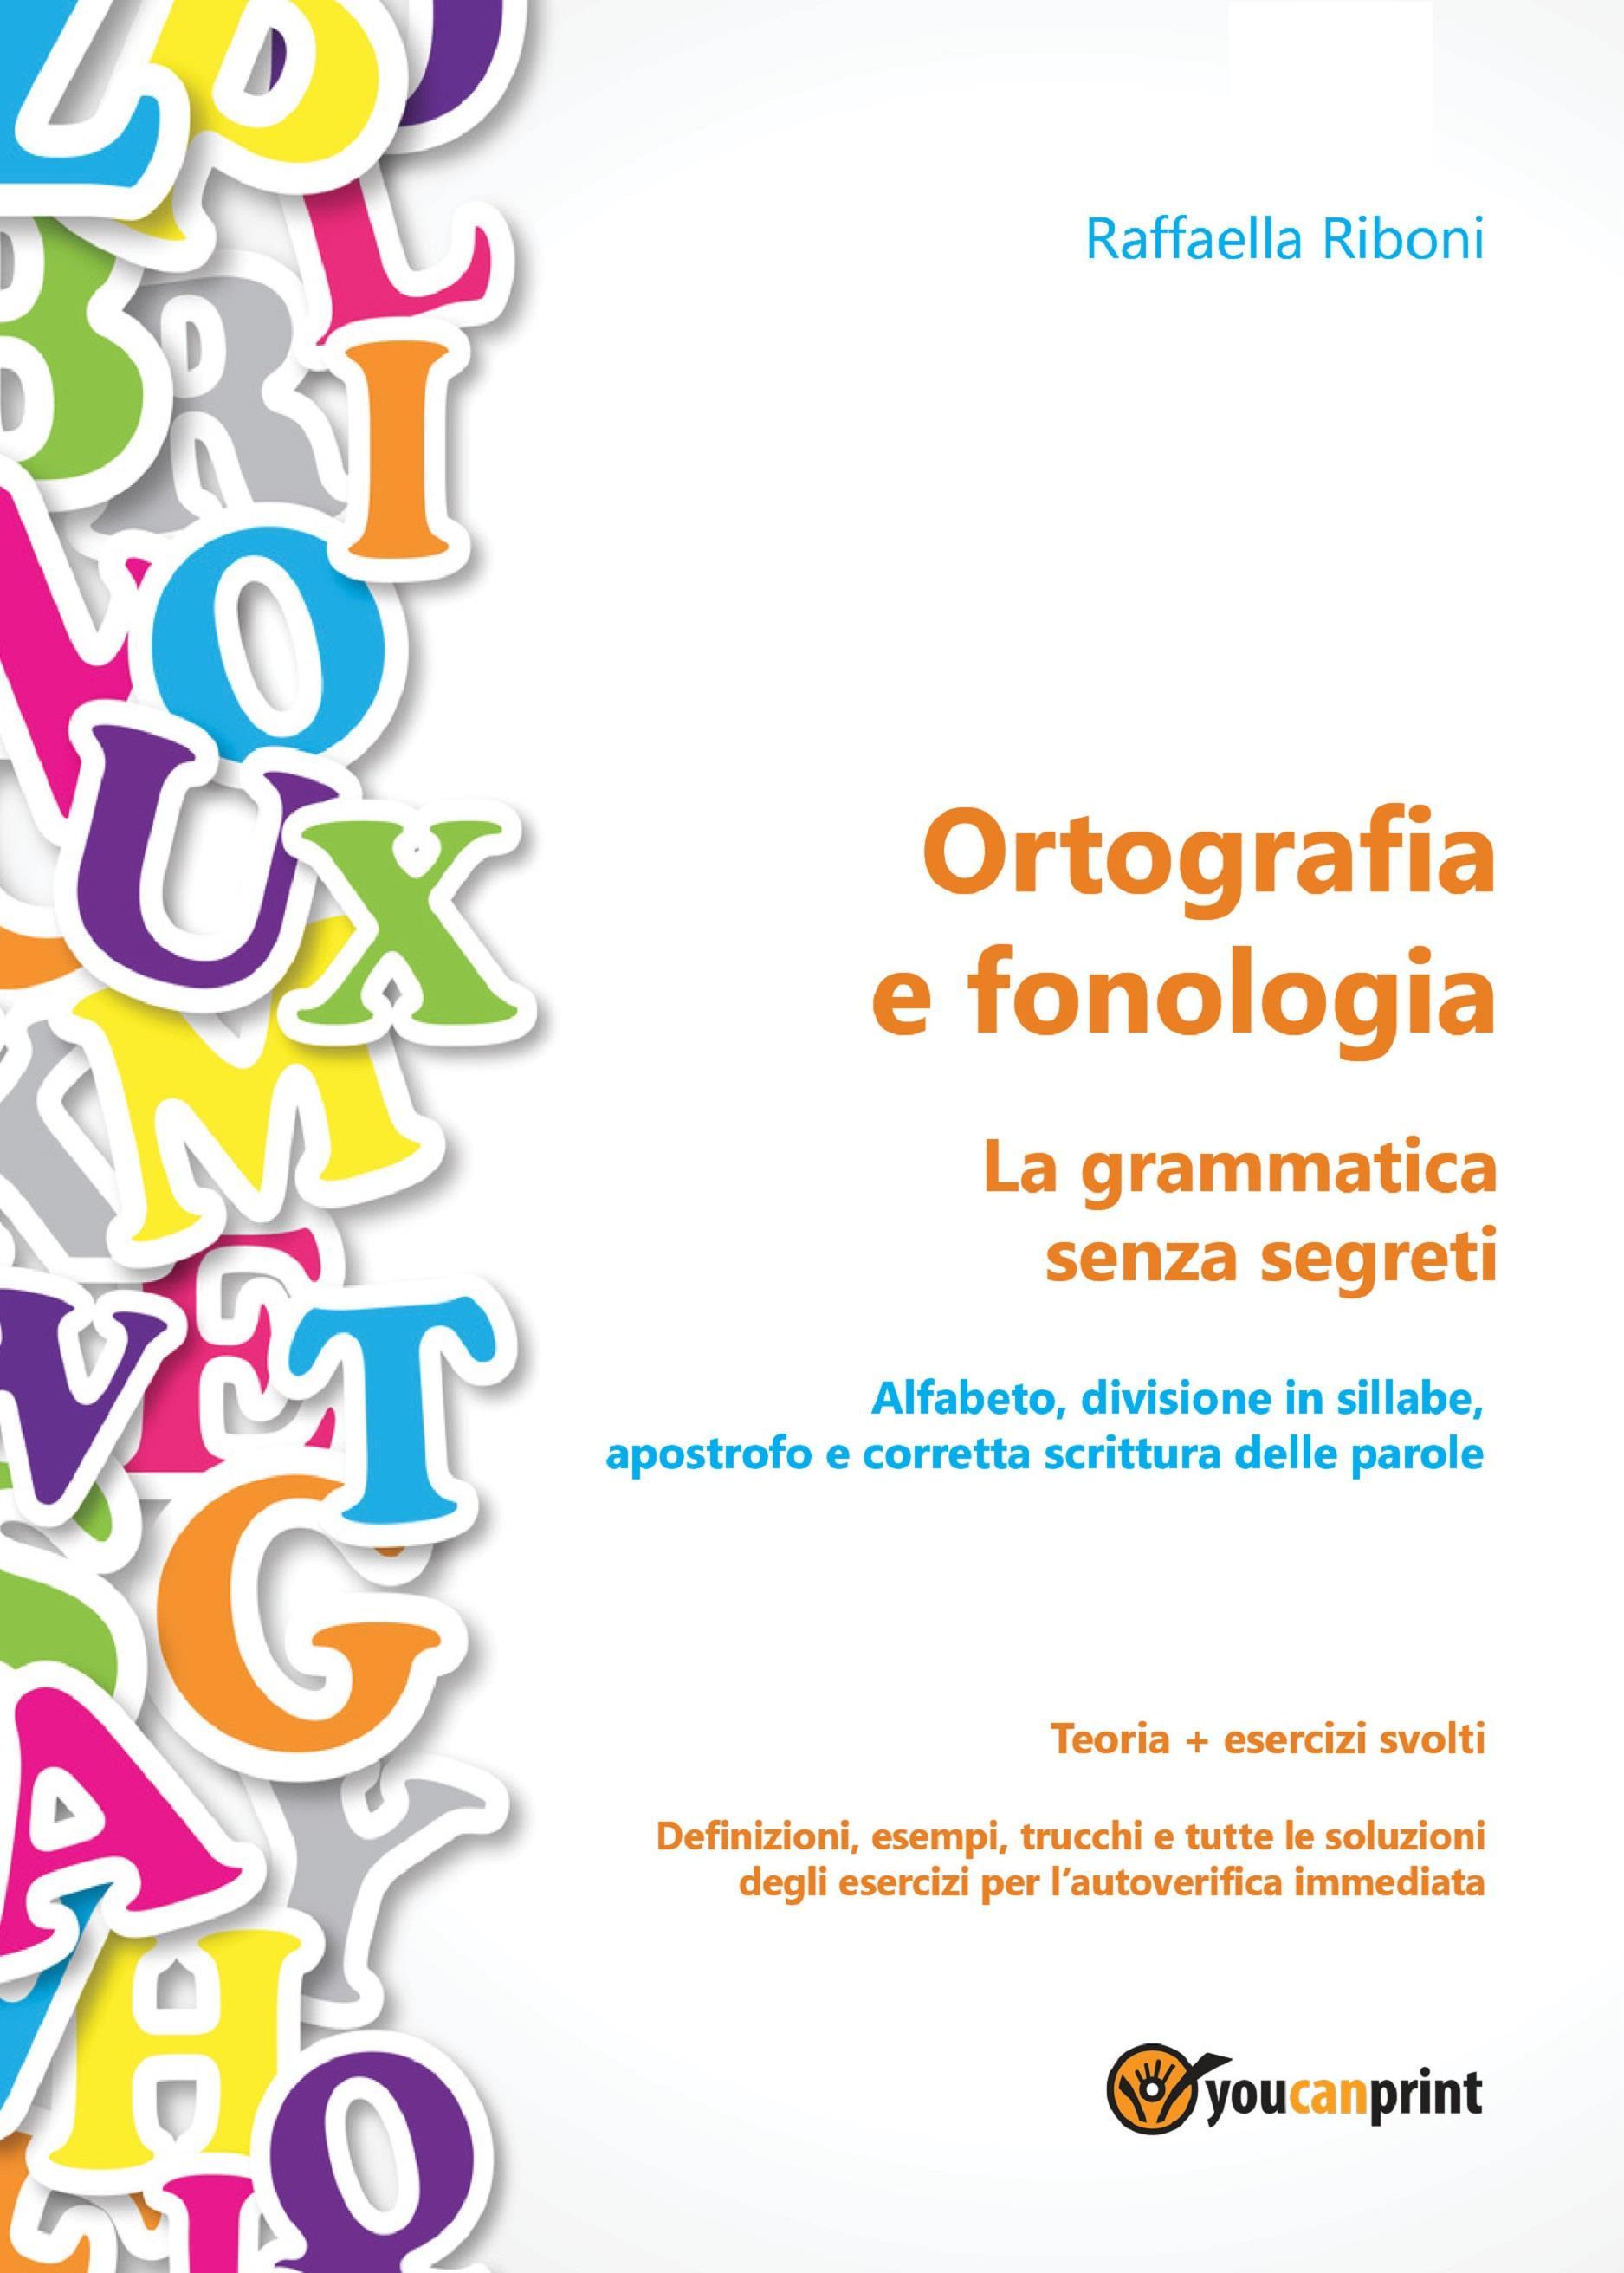 Ortografia e fonologia. Teoria + esercizi svolti. La grammatica senza segreti